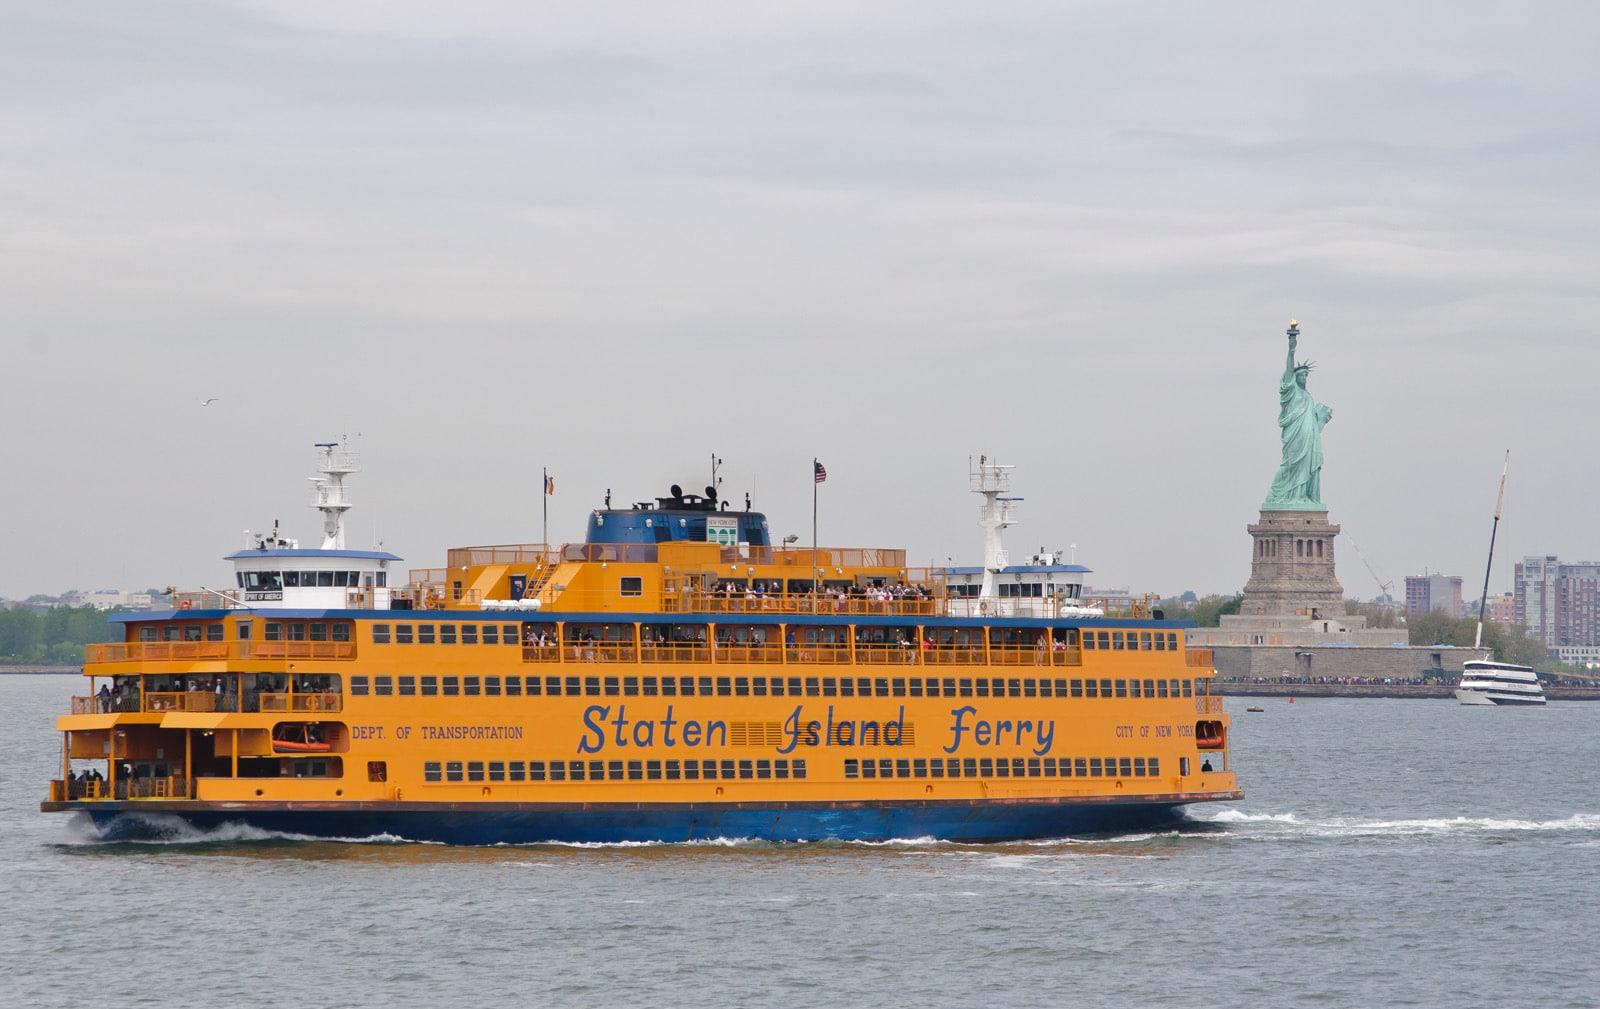 bateau-statue-liberte